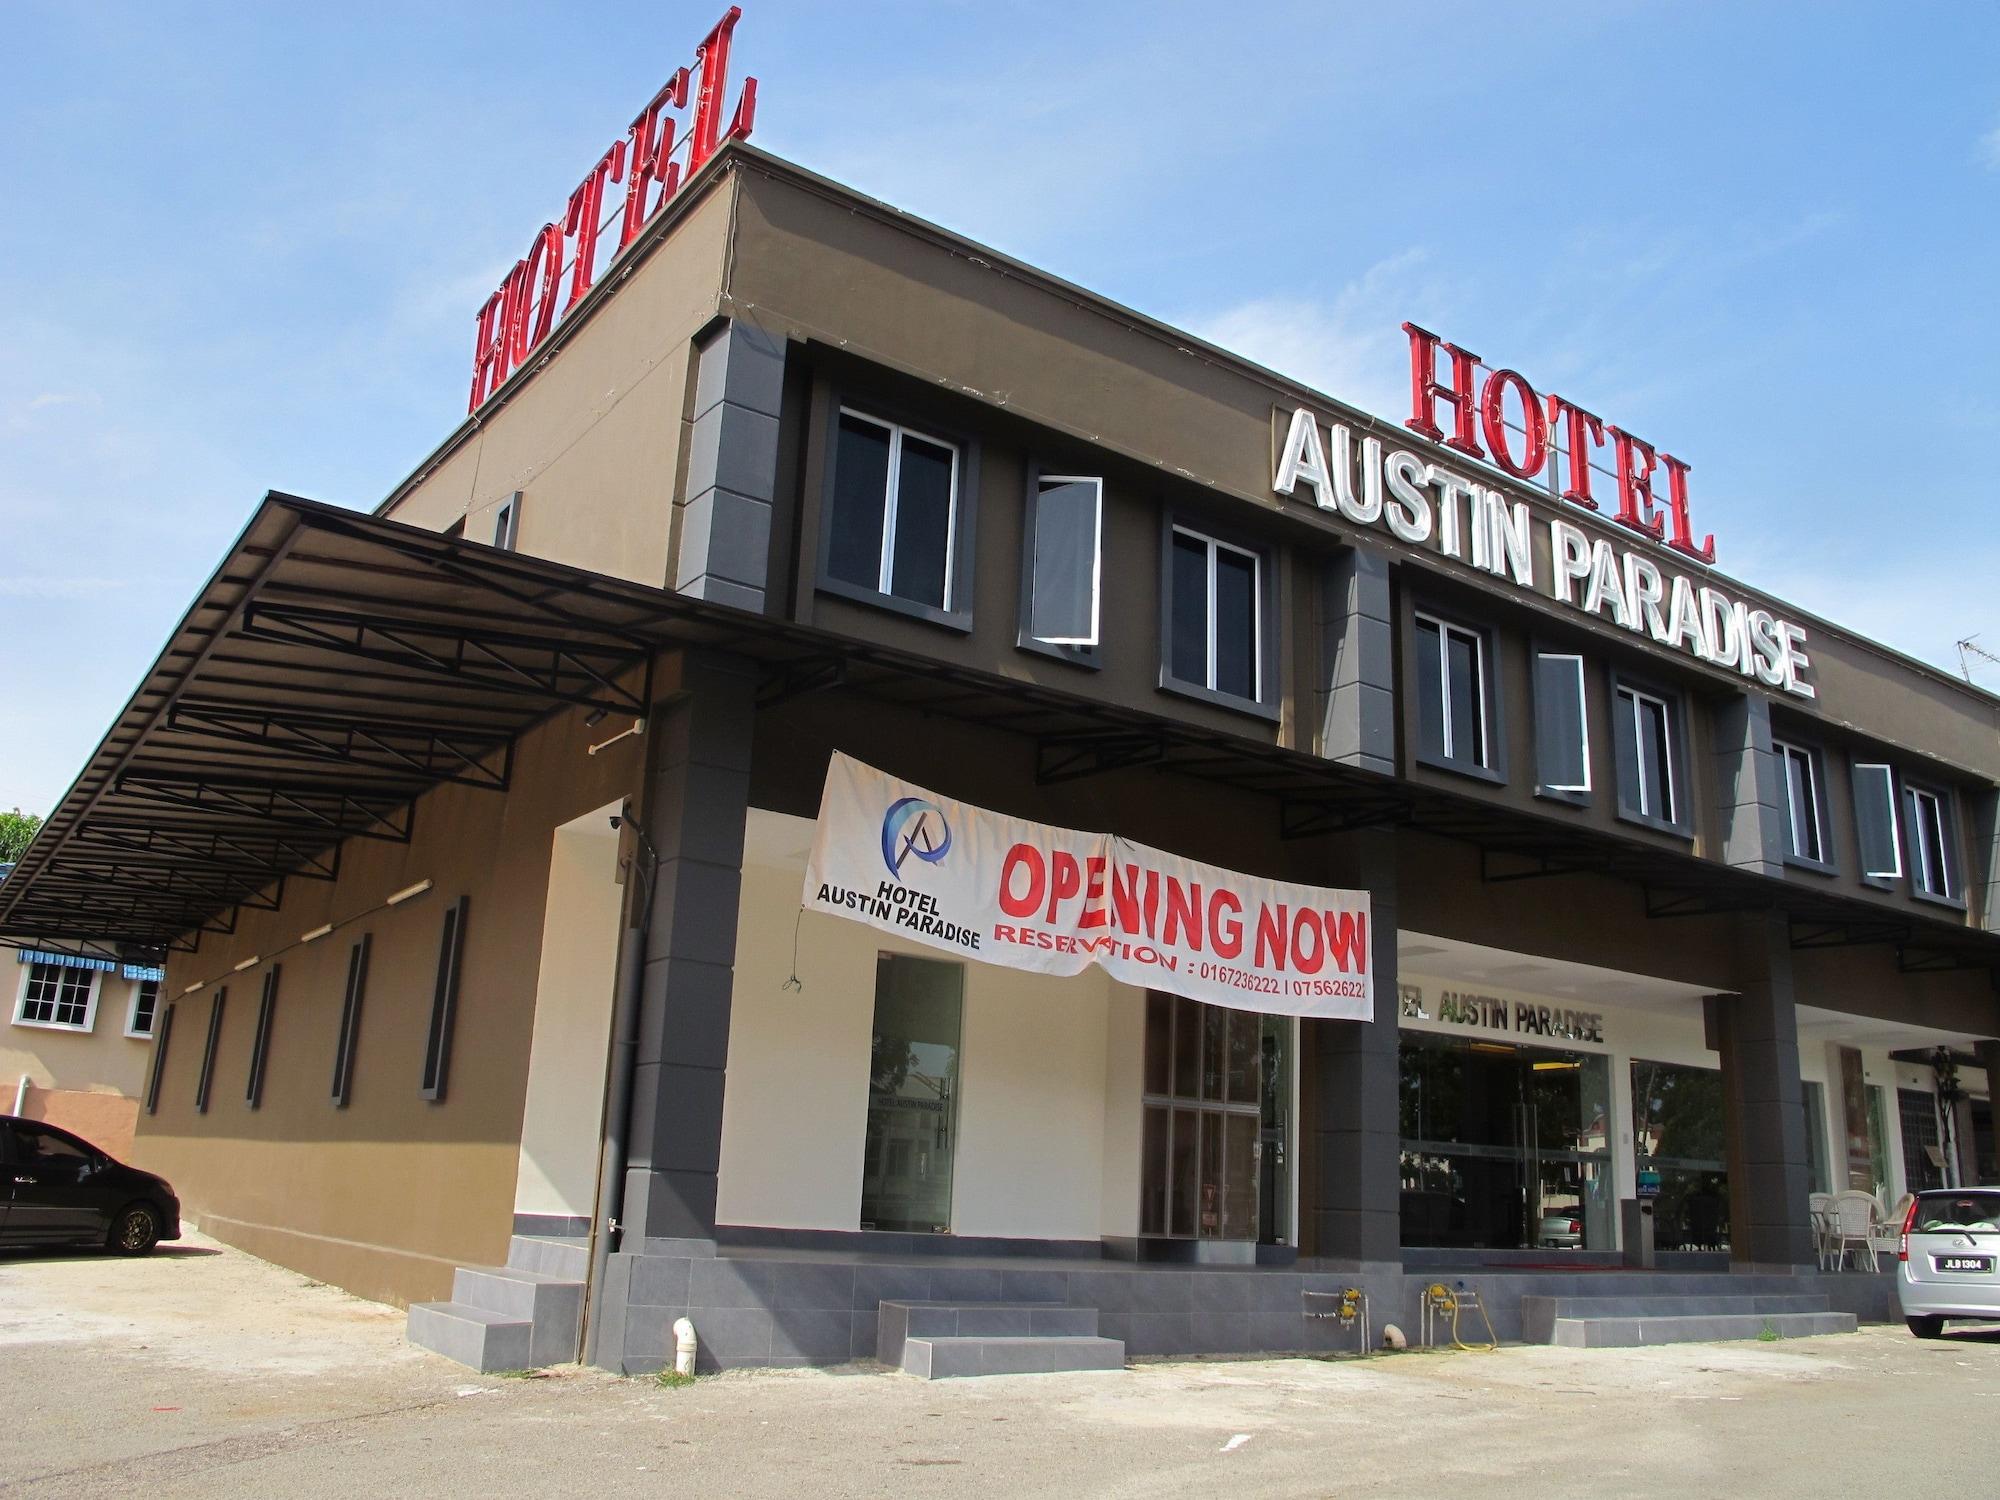 Hotel Austin Paradise - Pulai Utama, Johor Bahru